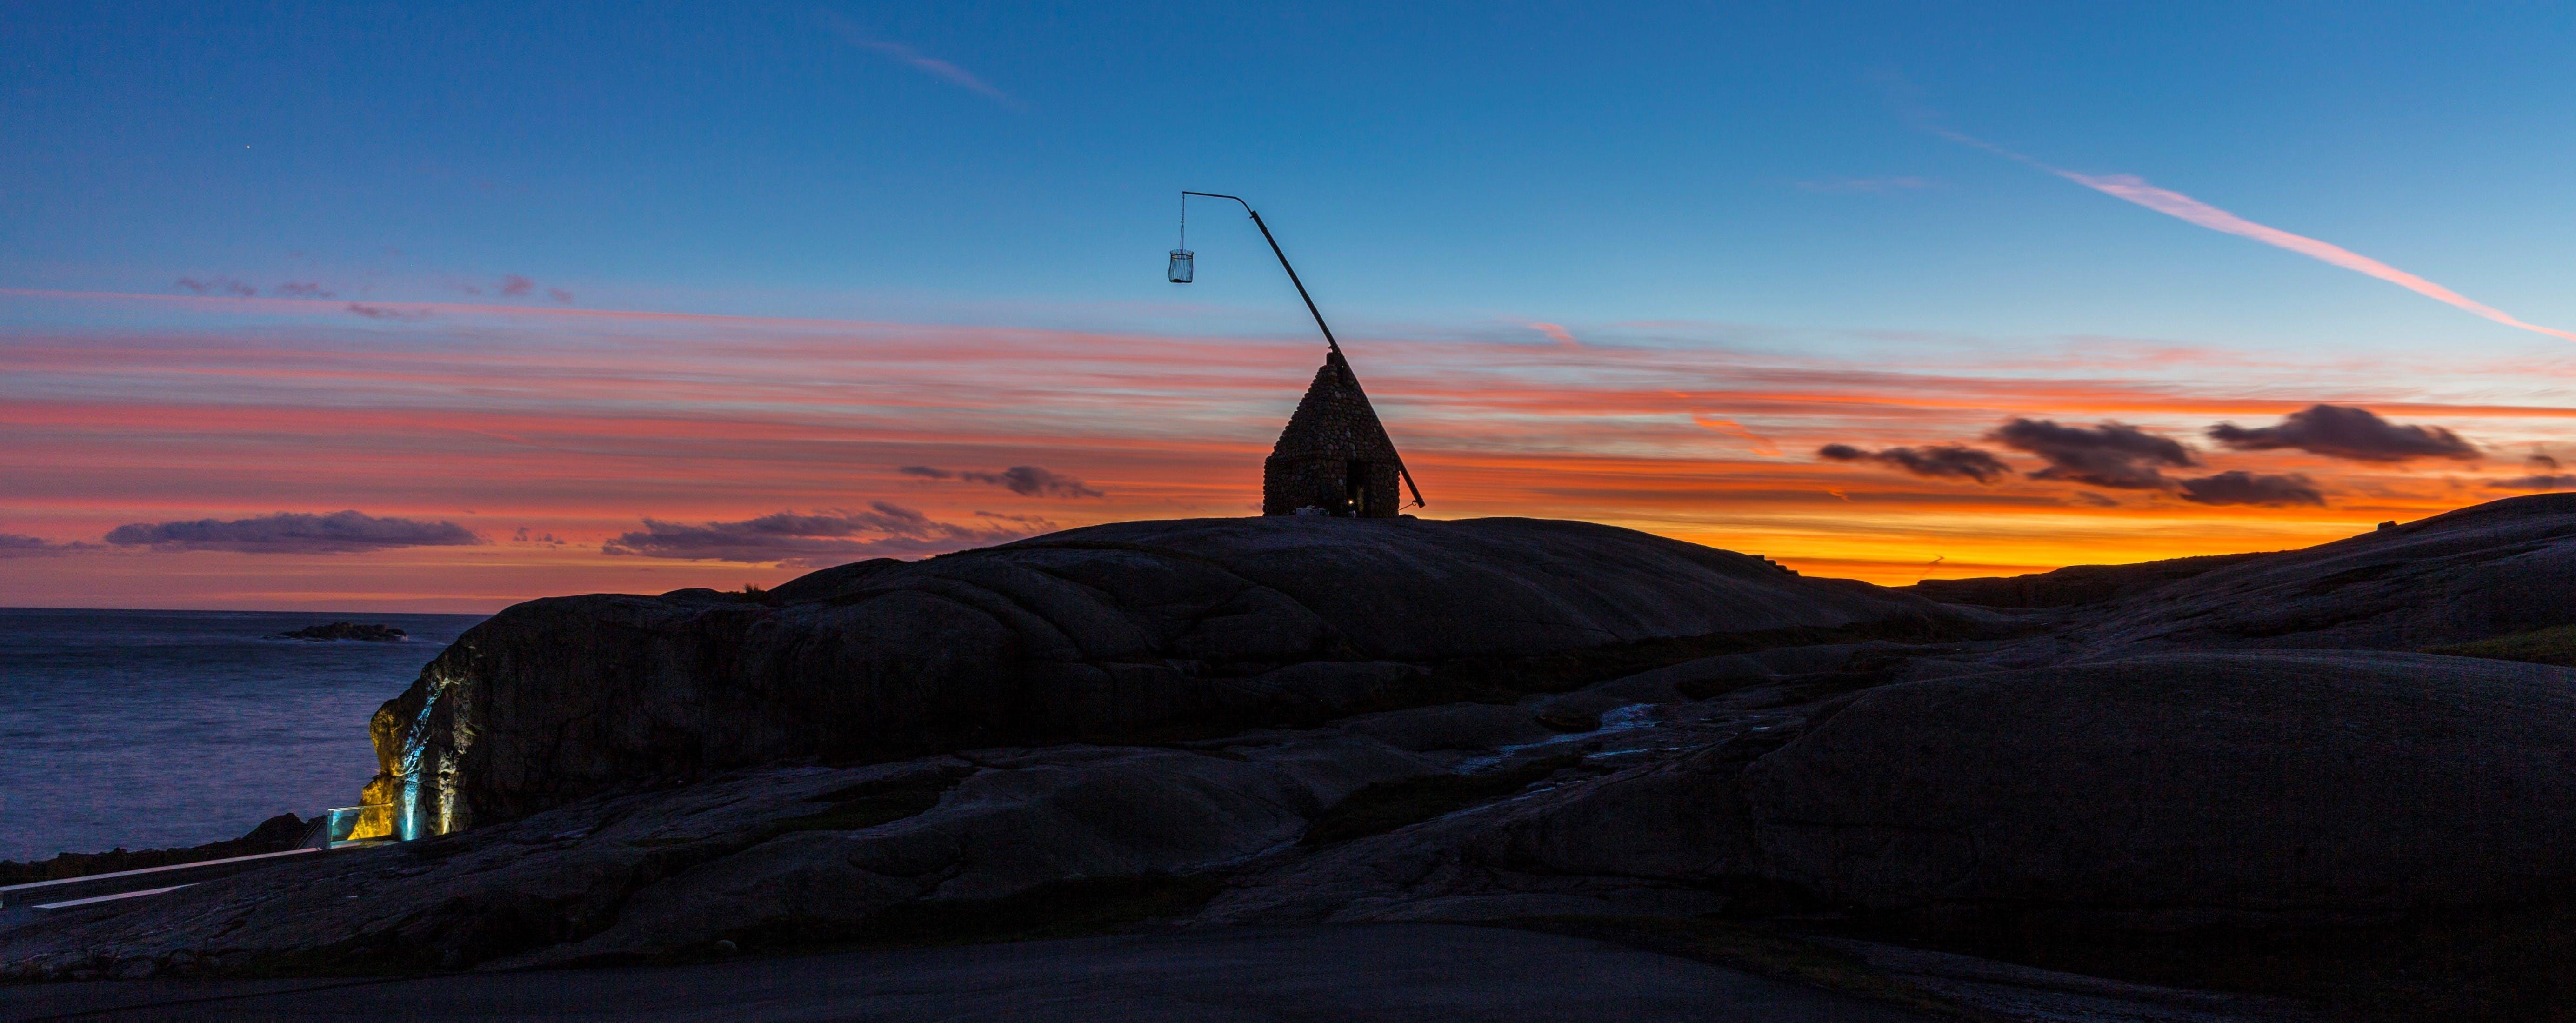 Gratis lagerfoto af farver, fyrtårn, orange himmel, solnedgang